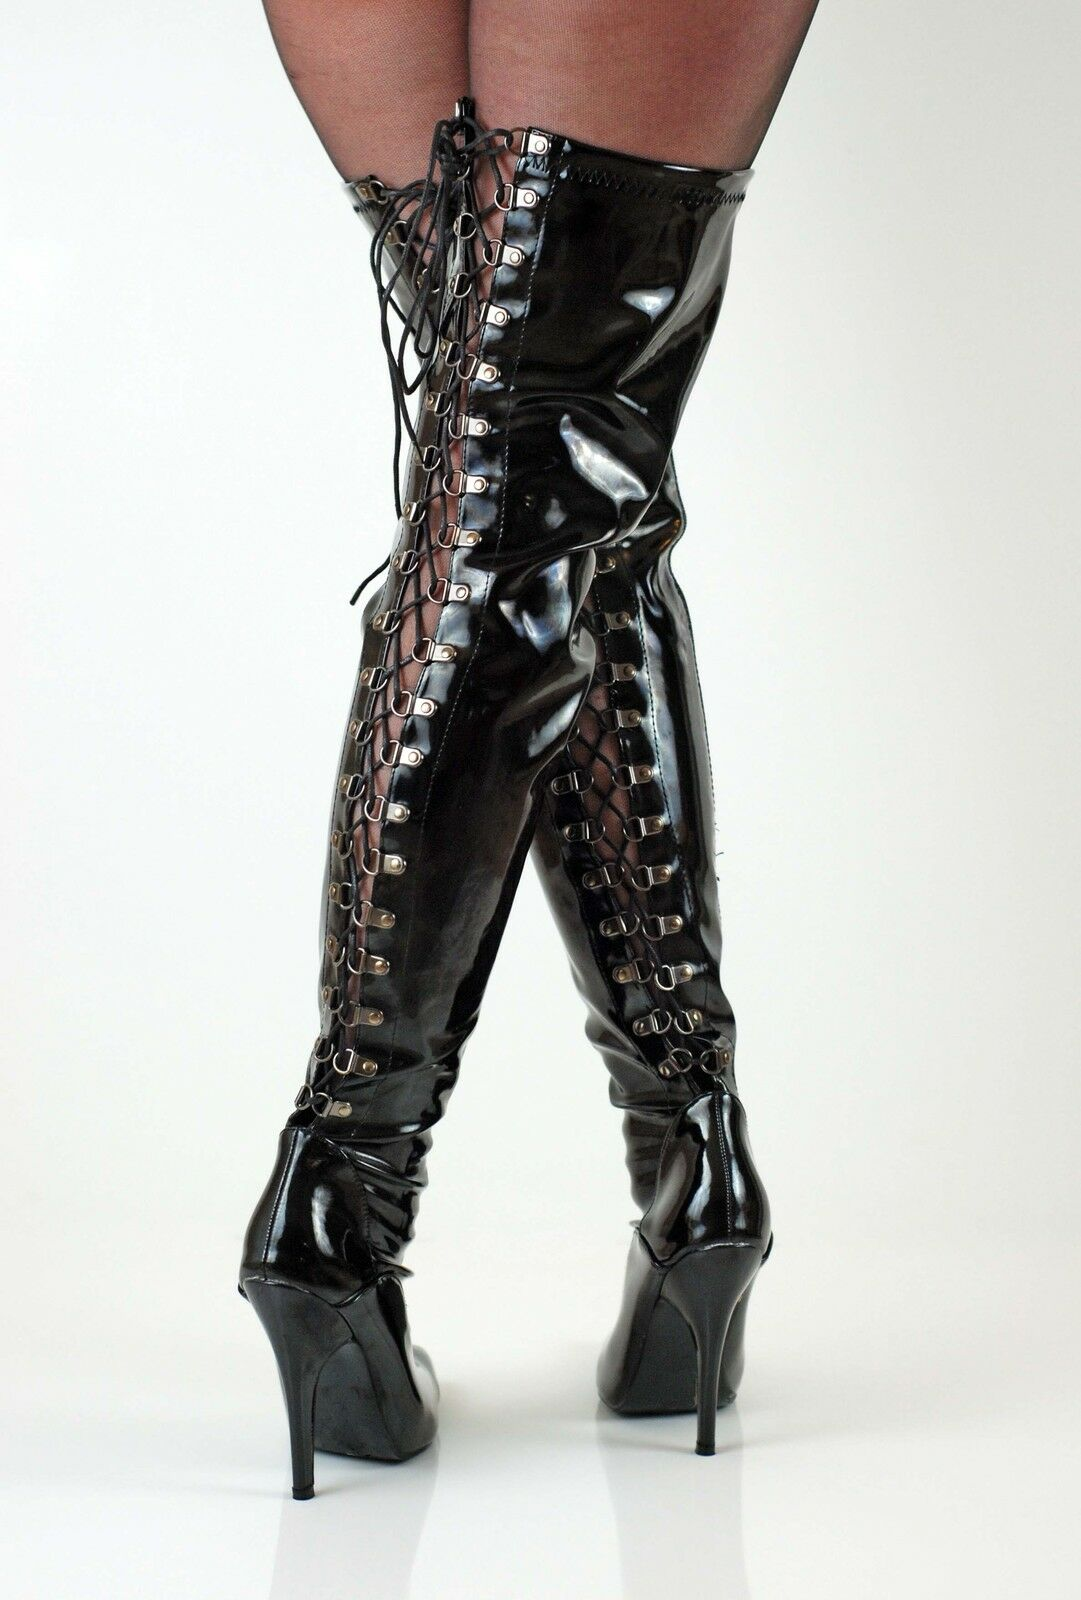 Femme dessus genou bottes cuissardes lacée noir